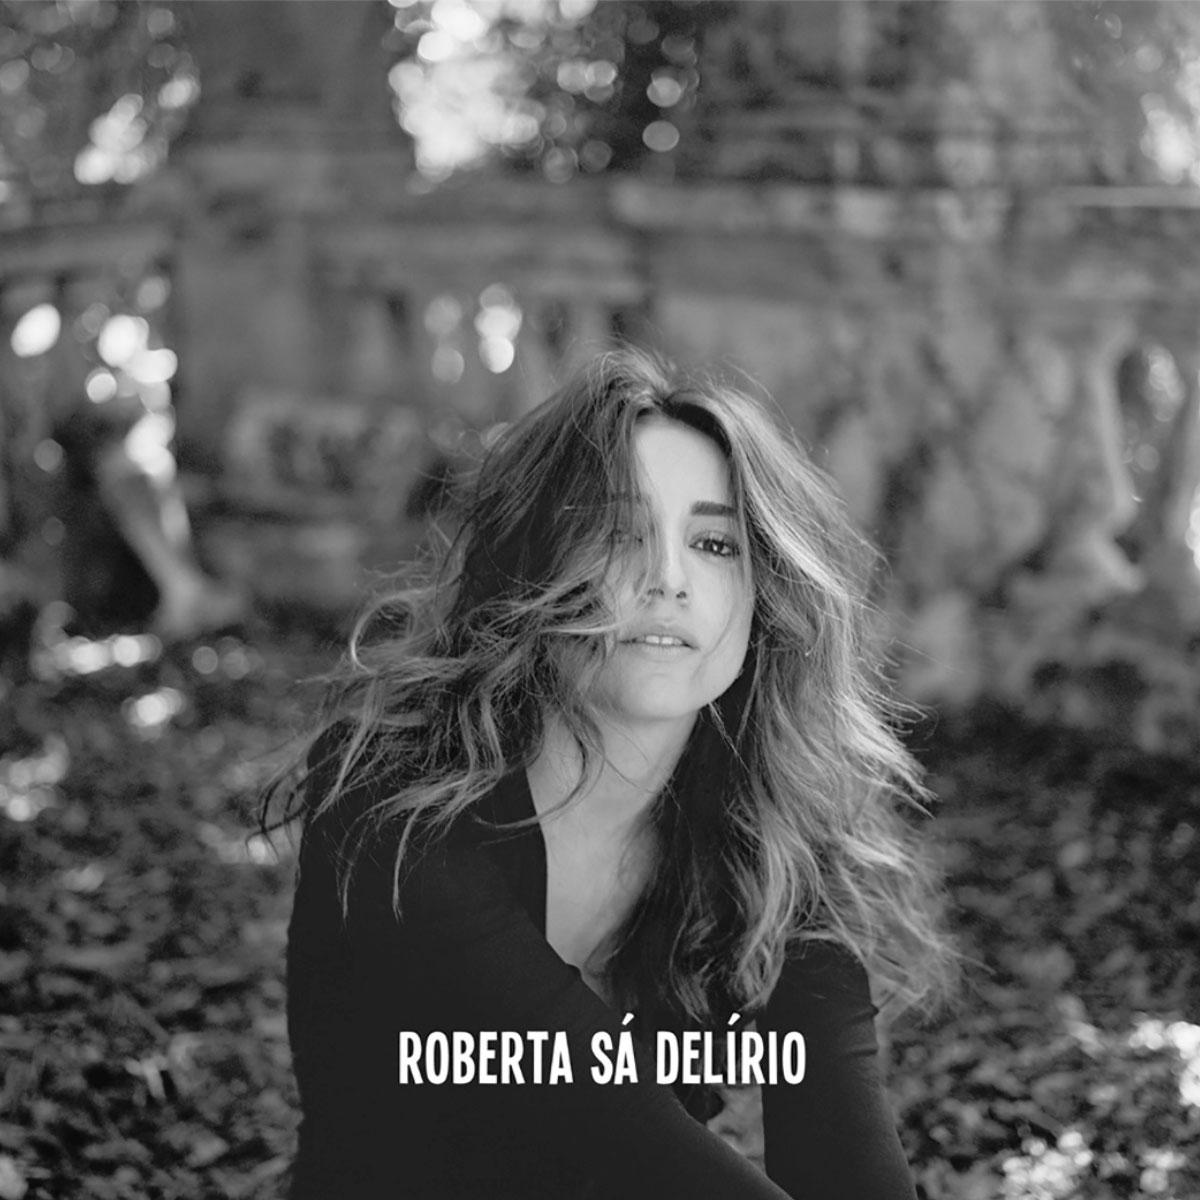 LP Roberta Sá Delírio